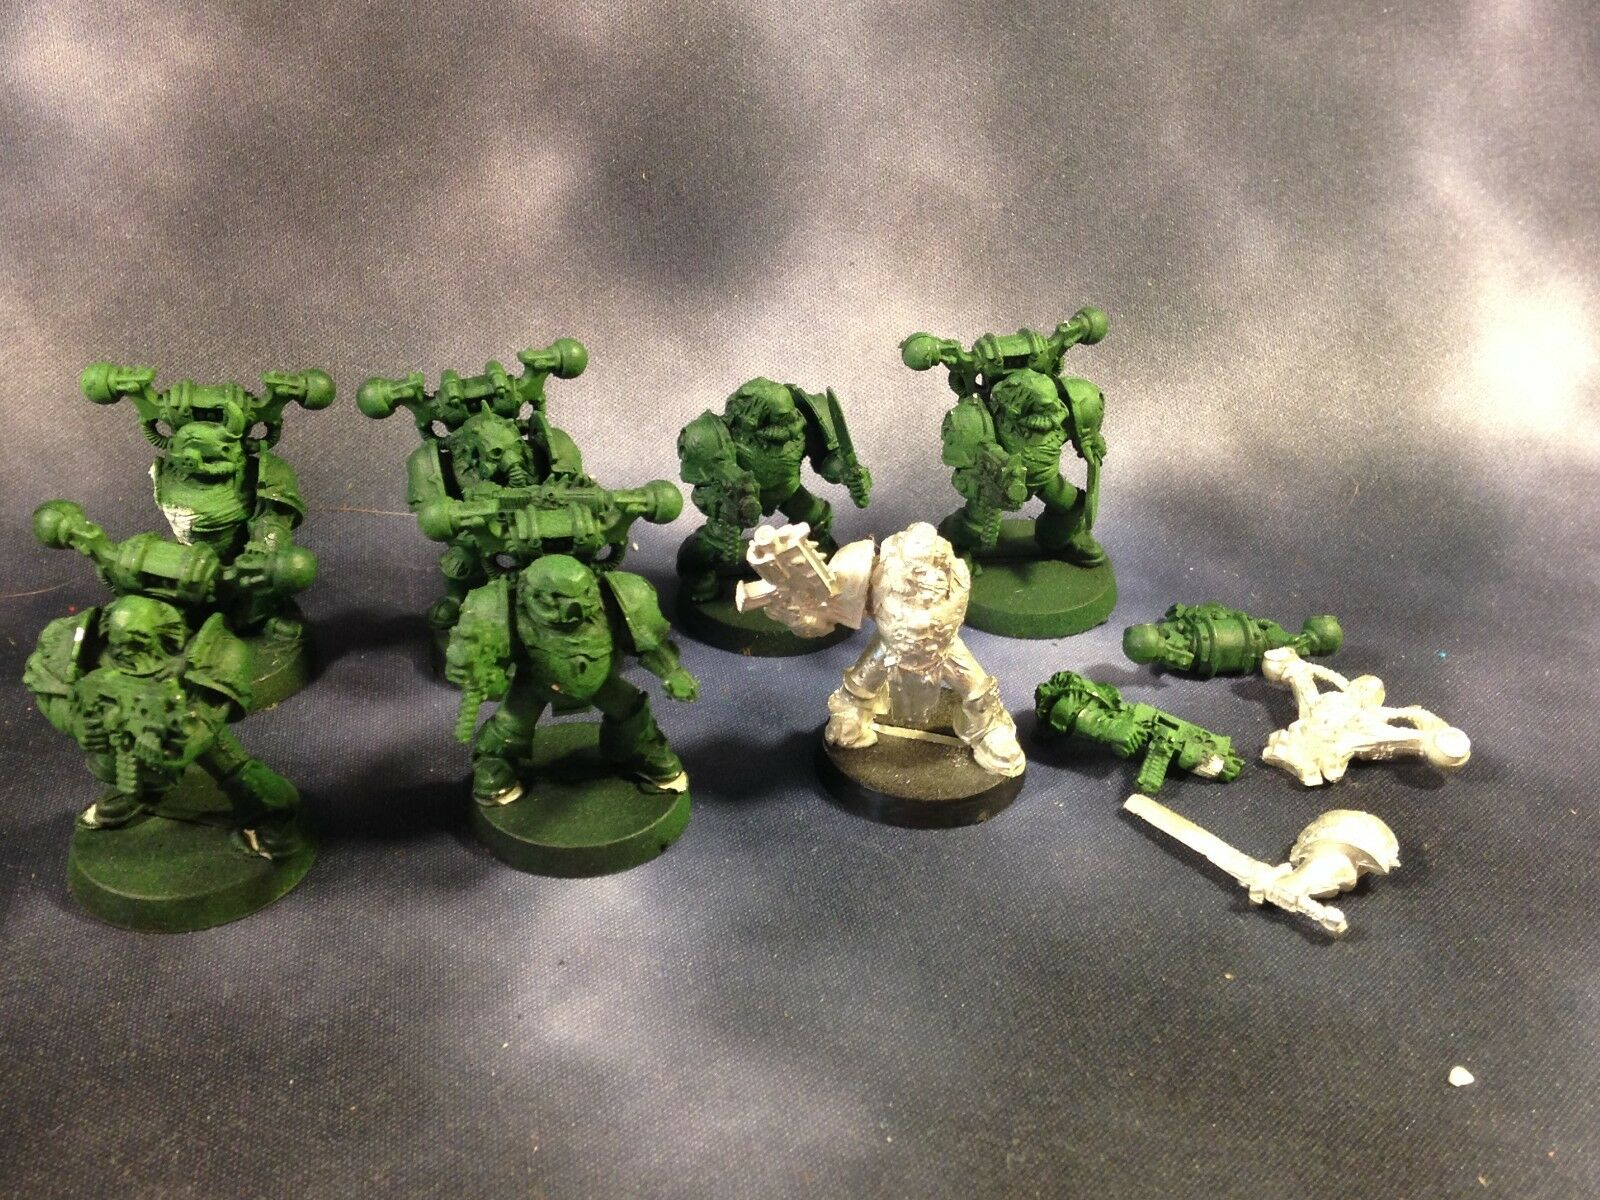 Warhammer 40k Chaos Space Marine Plague Marines Death Guard Metal OOP